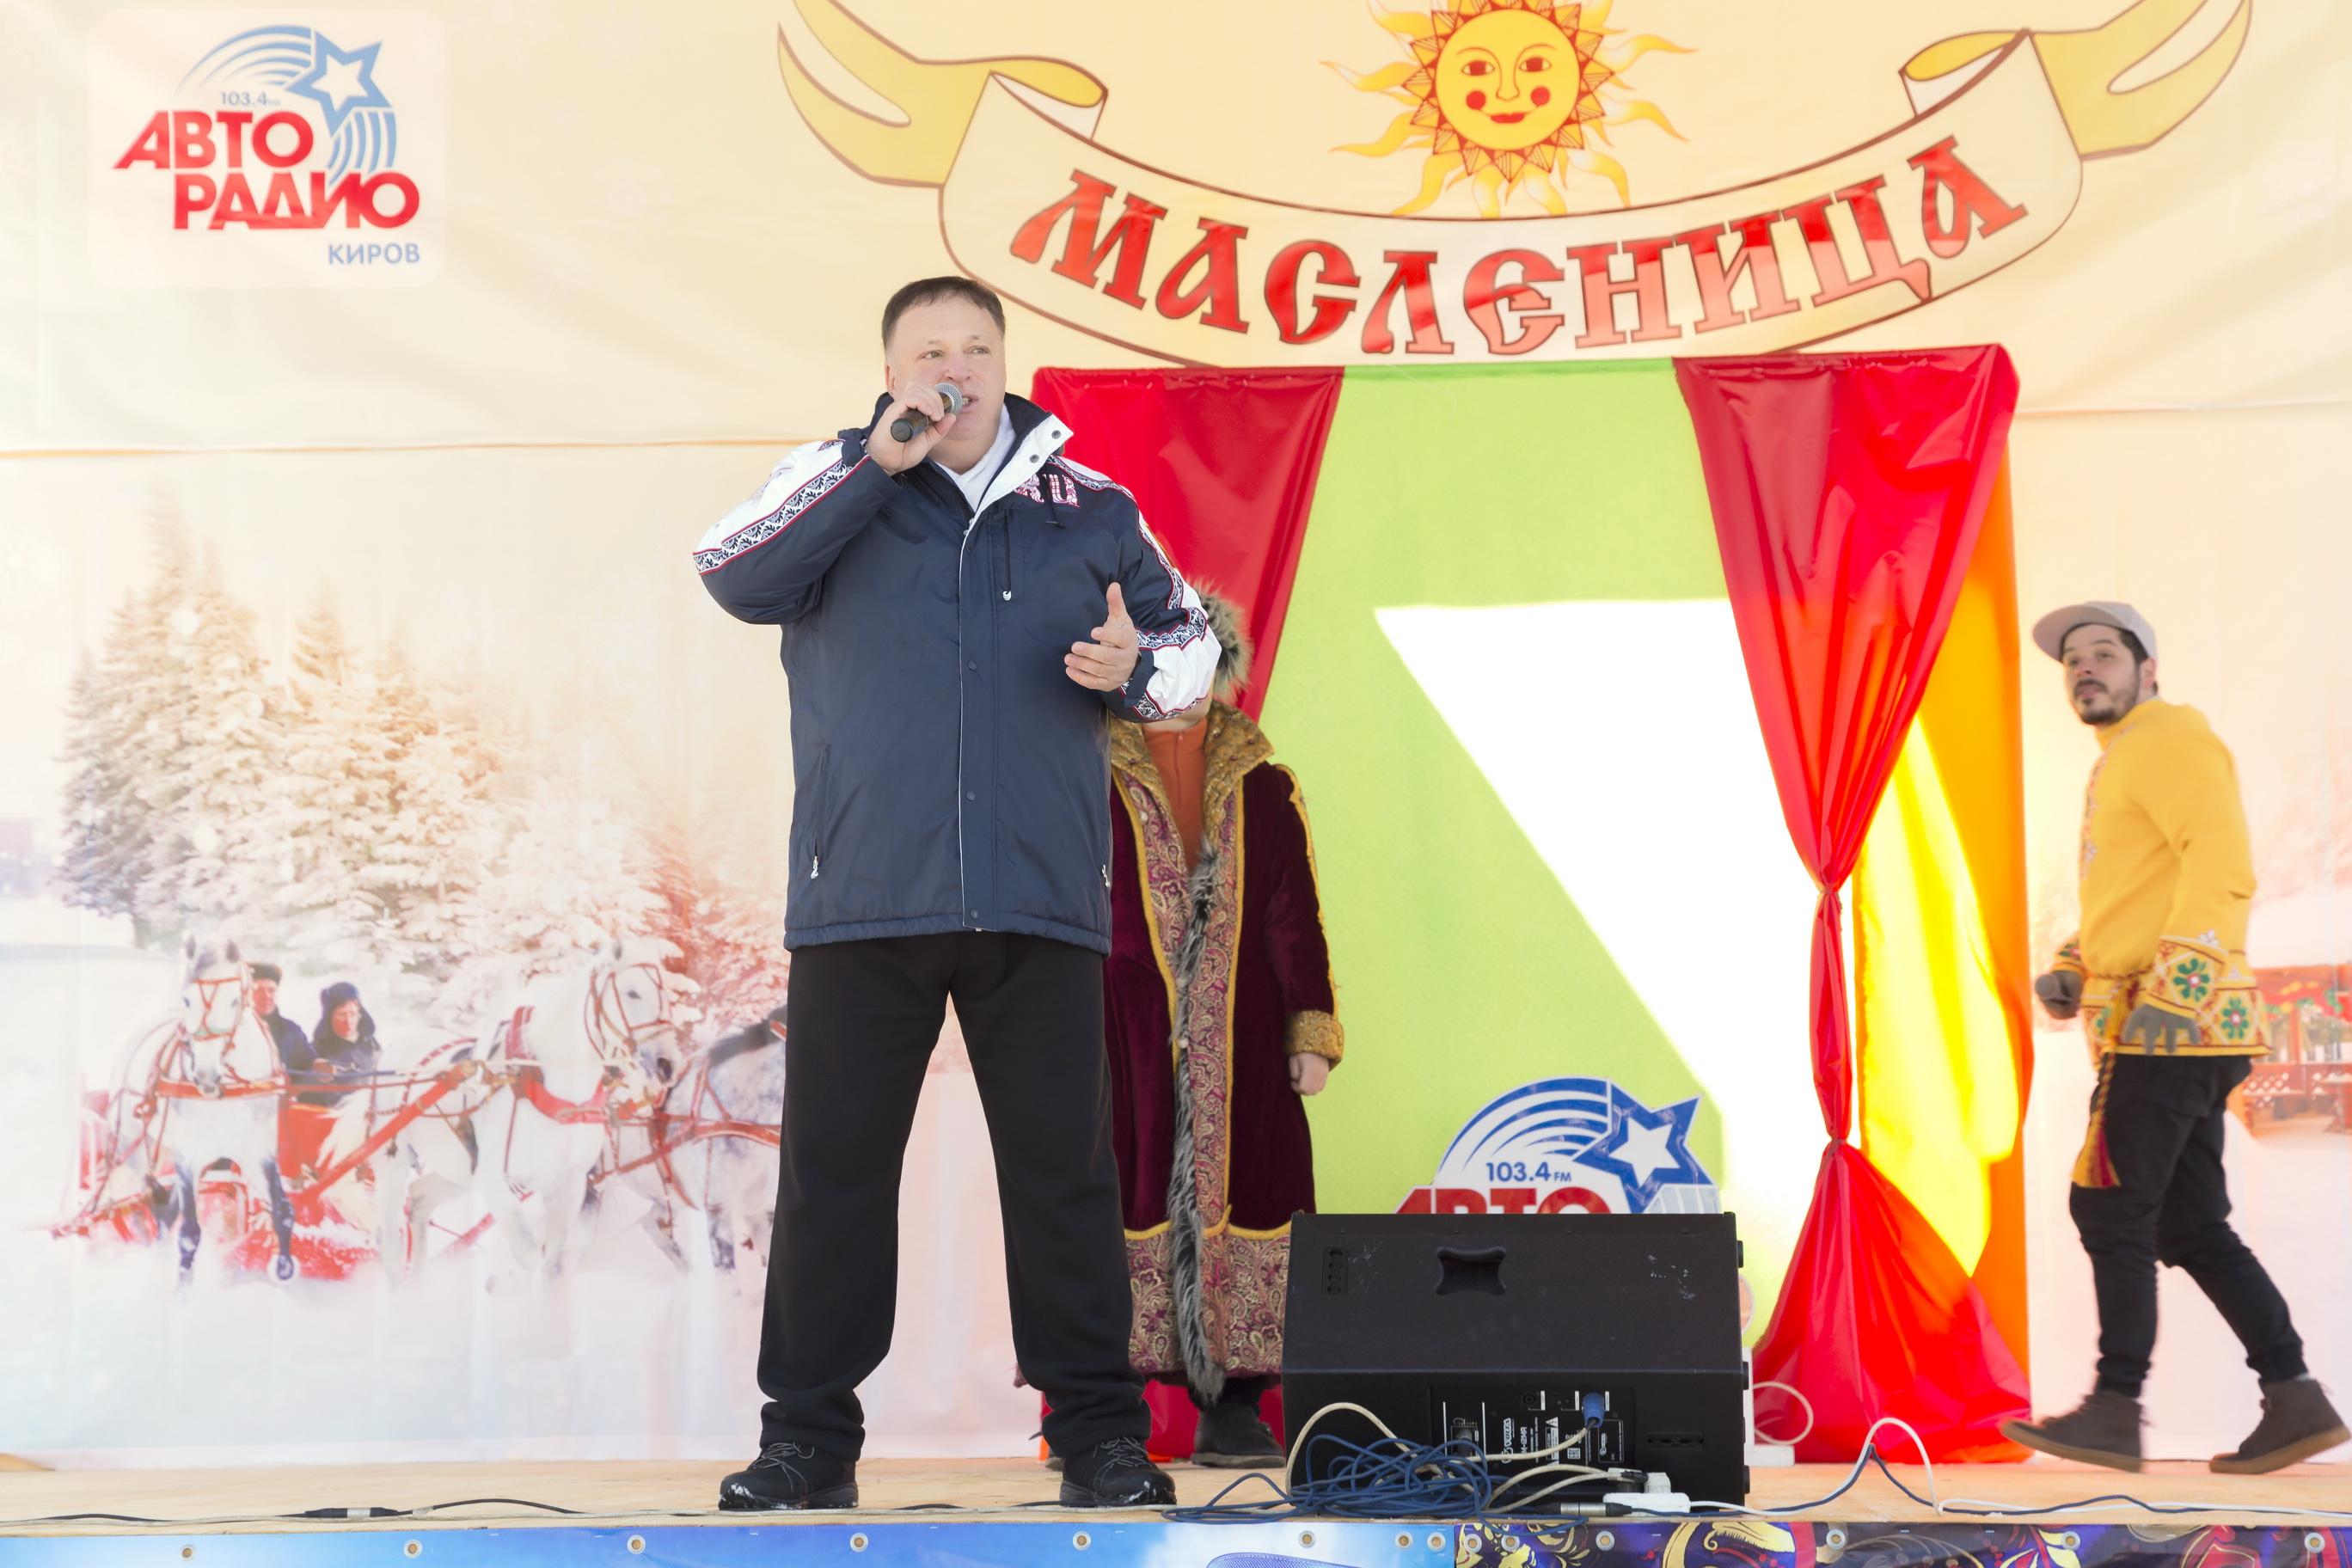 Олег Валенчук поздравил земляков с Масленицей